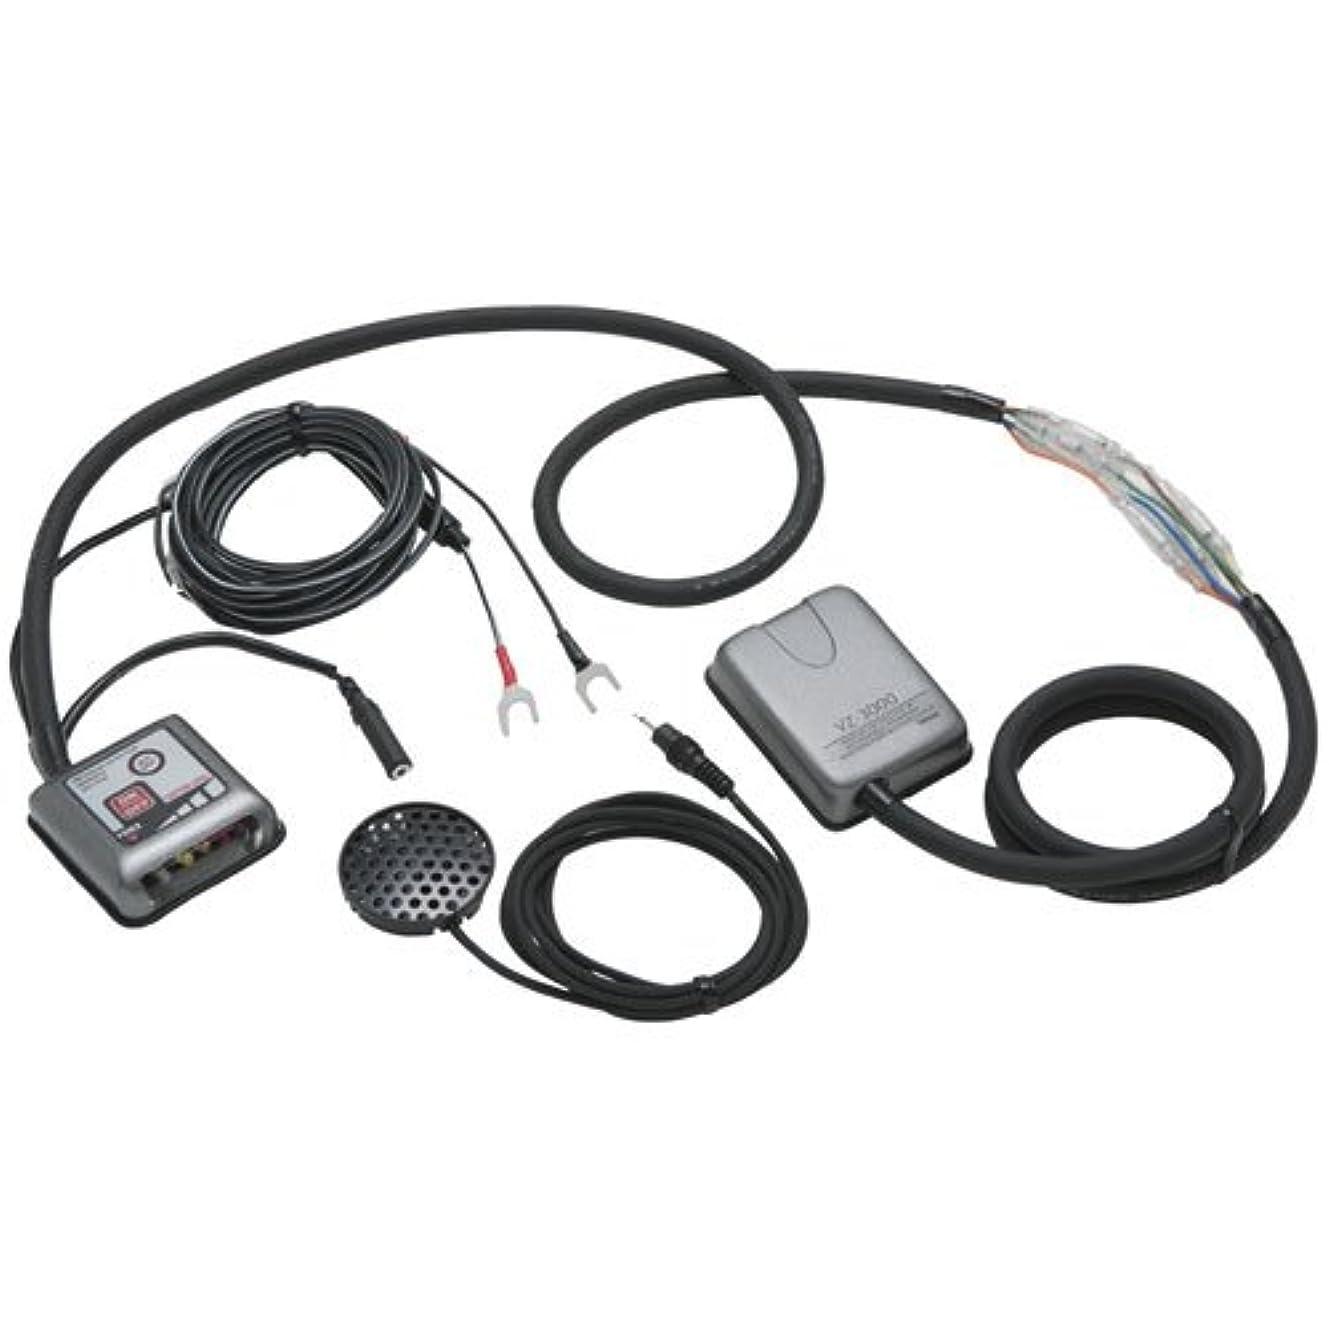 バンジージャンプ符号異議DAYTONA(デイトナ) バイク用GPSレーダー MOTO GPS RADAR LCD 防水シガーコード 77710